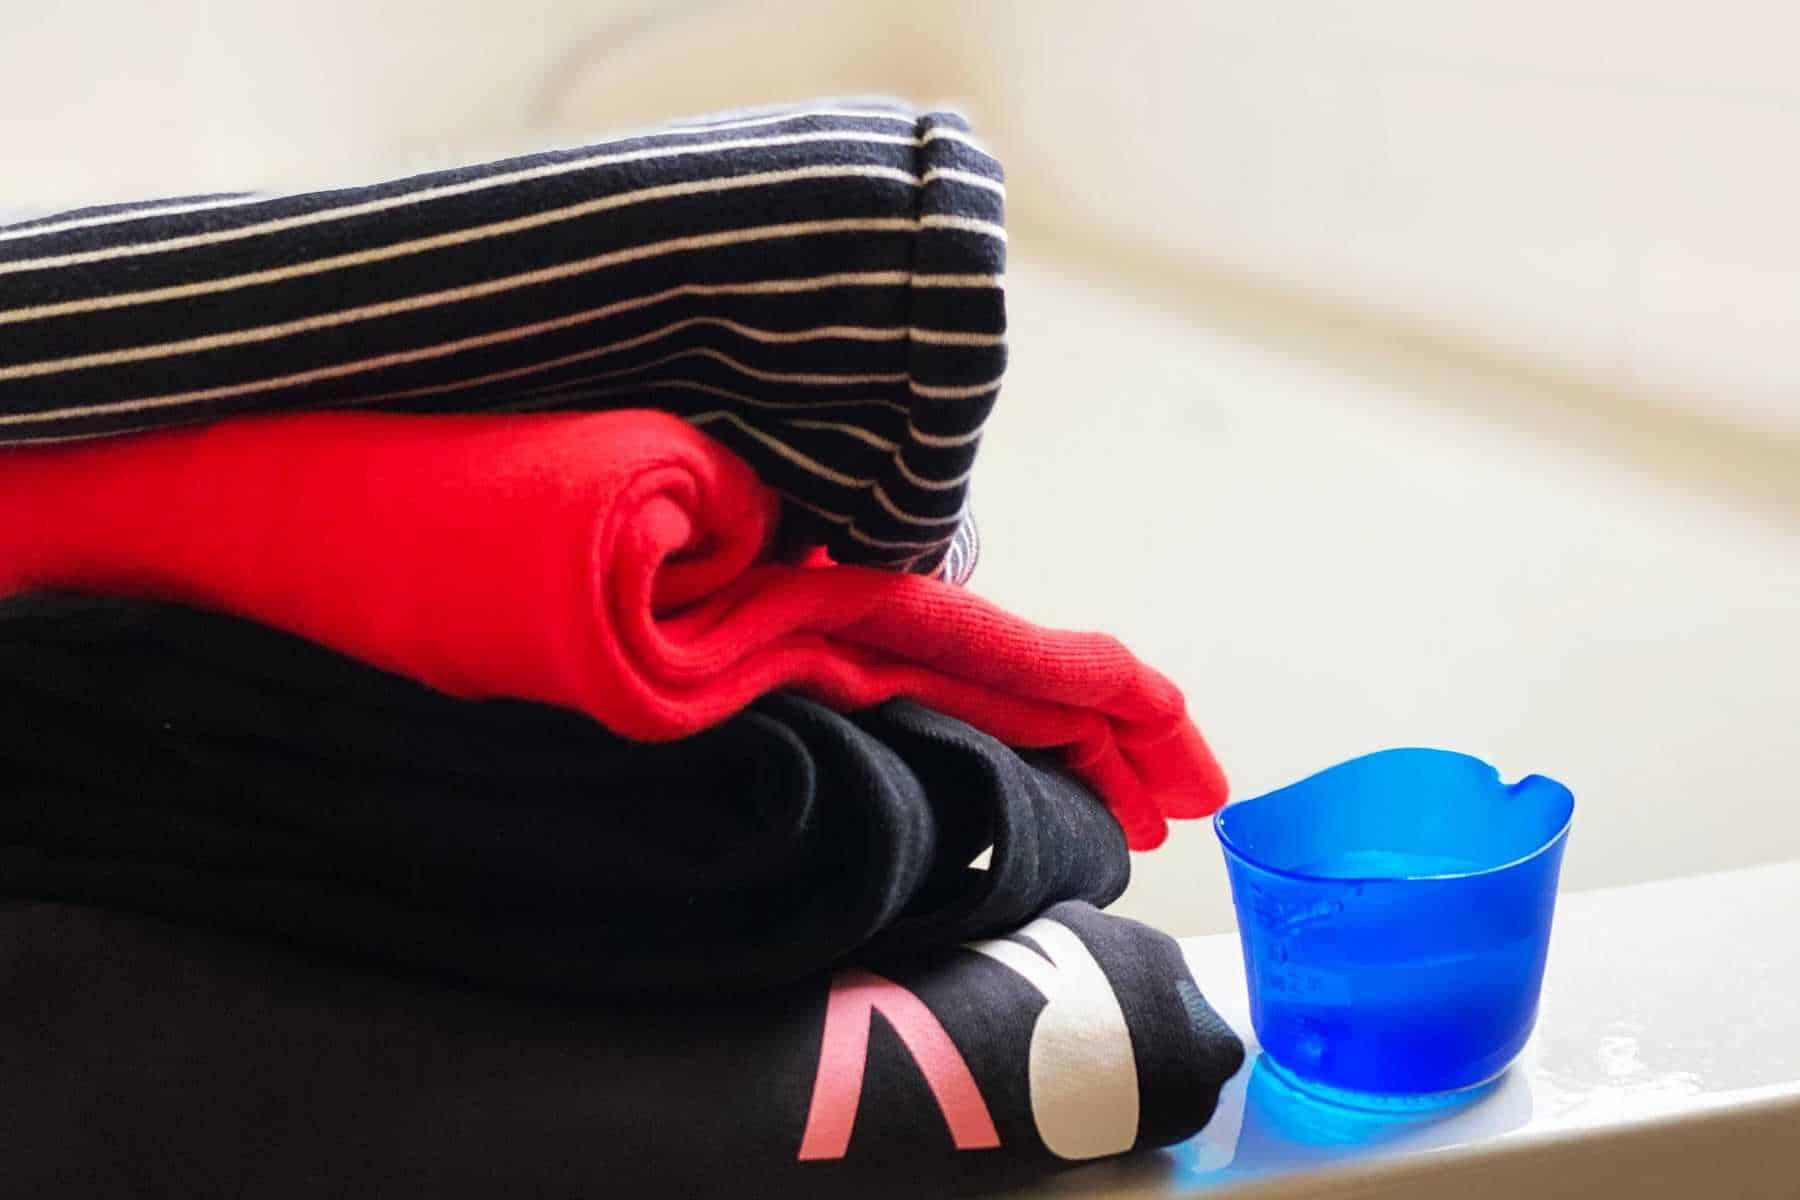 cách giặt đồ bằng tay - phân loại theo quần áo theo màu